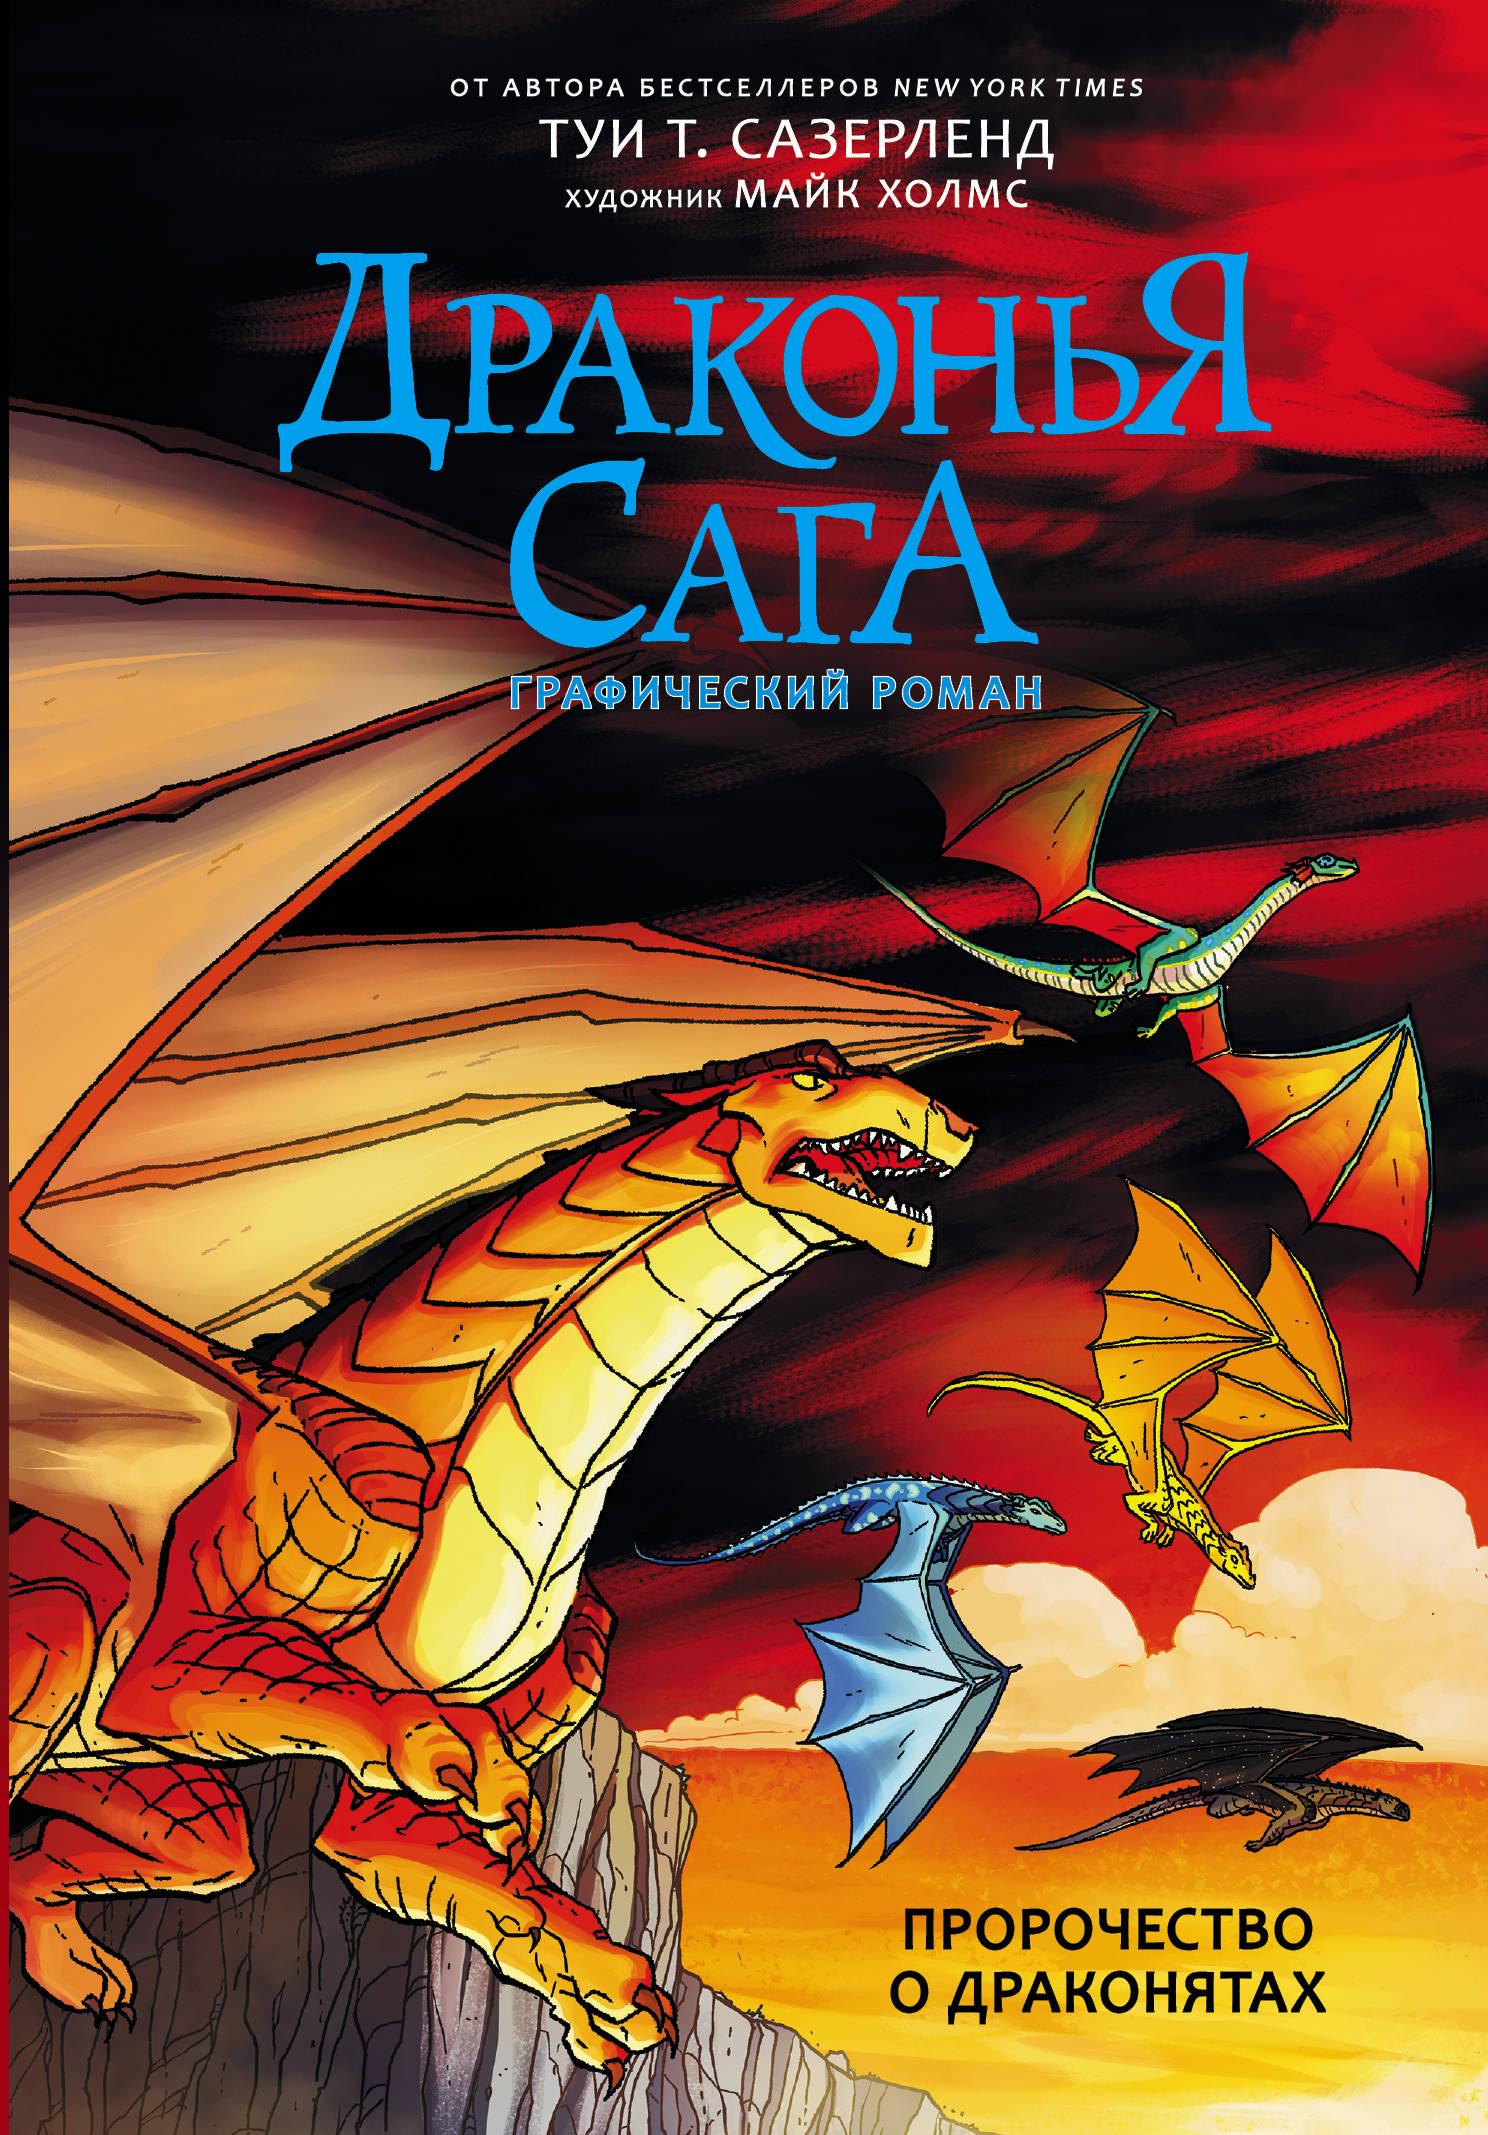 Drakonja saga. Prorochestvo o drakonjatakh. Graficheskij roman